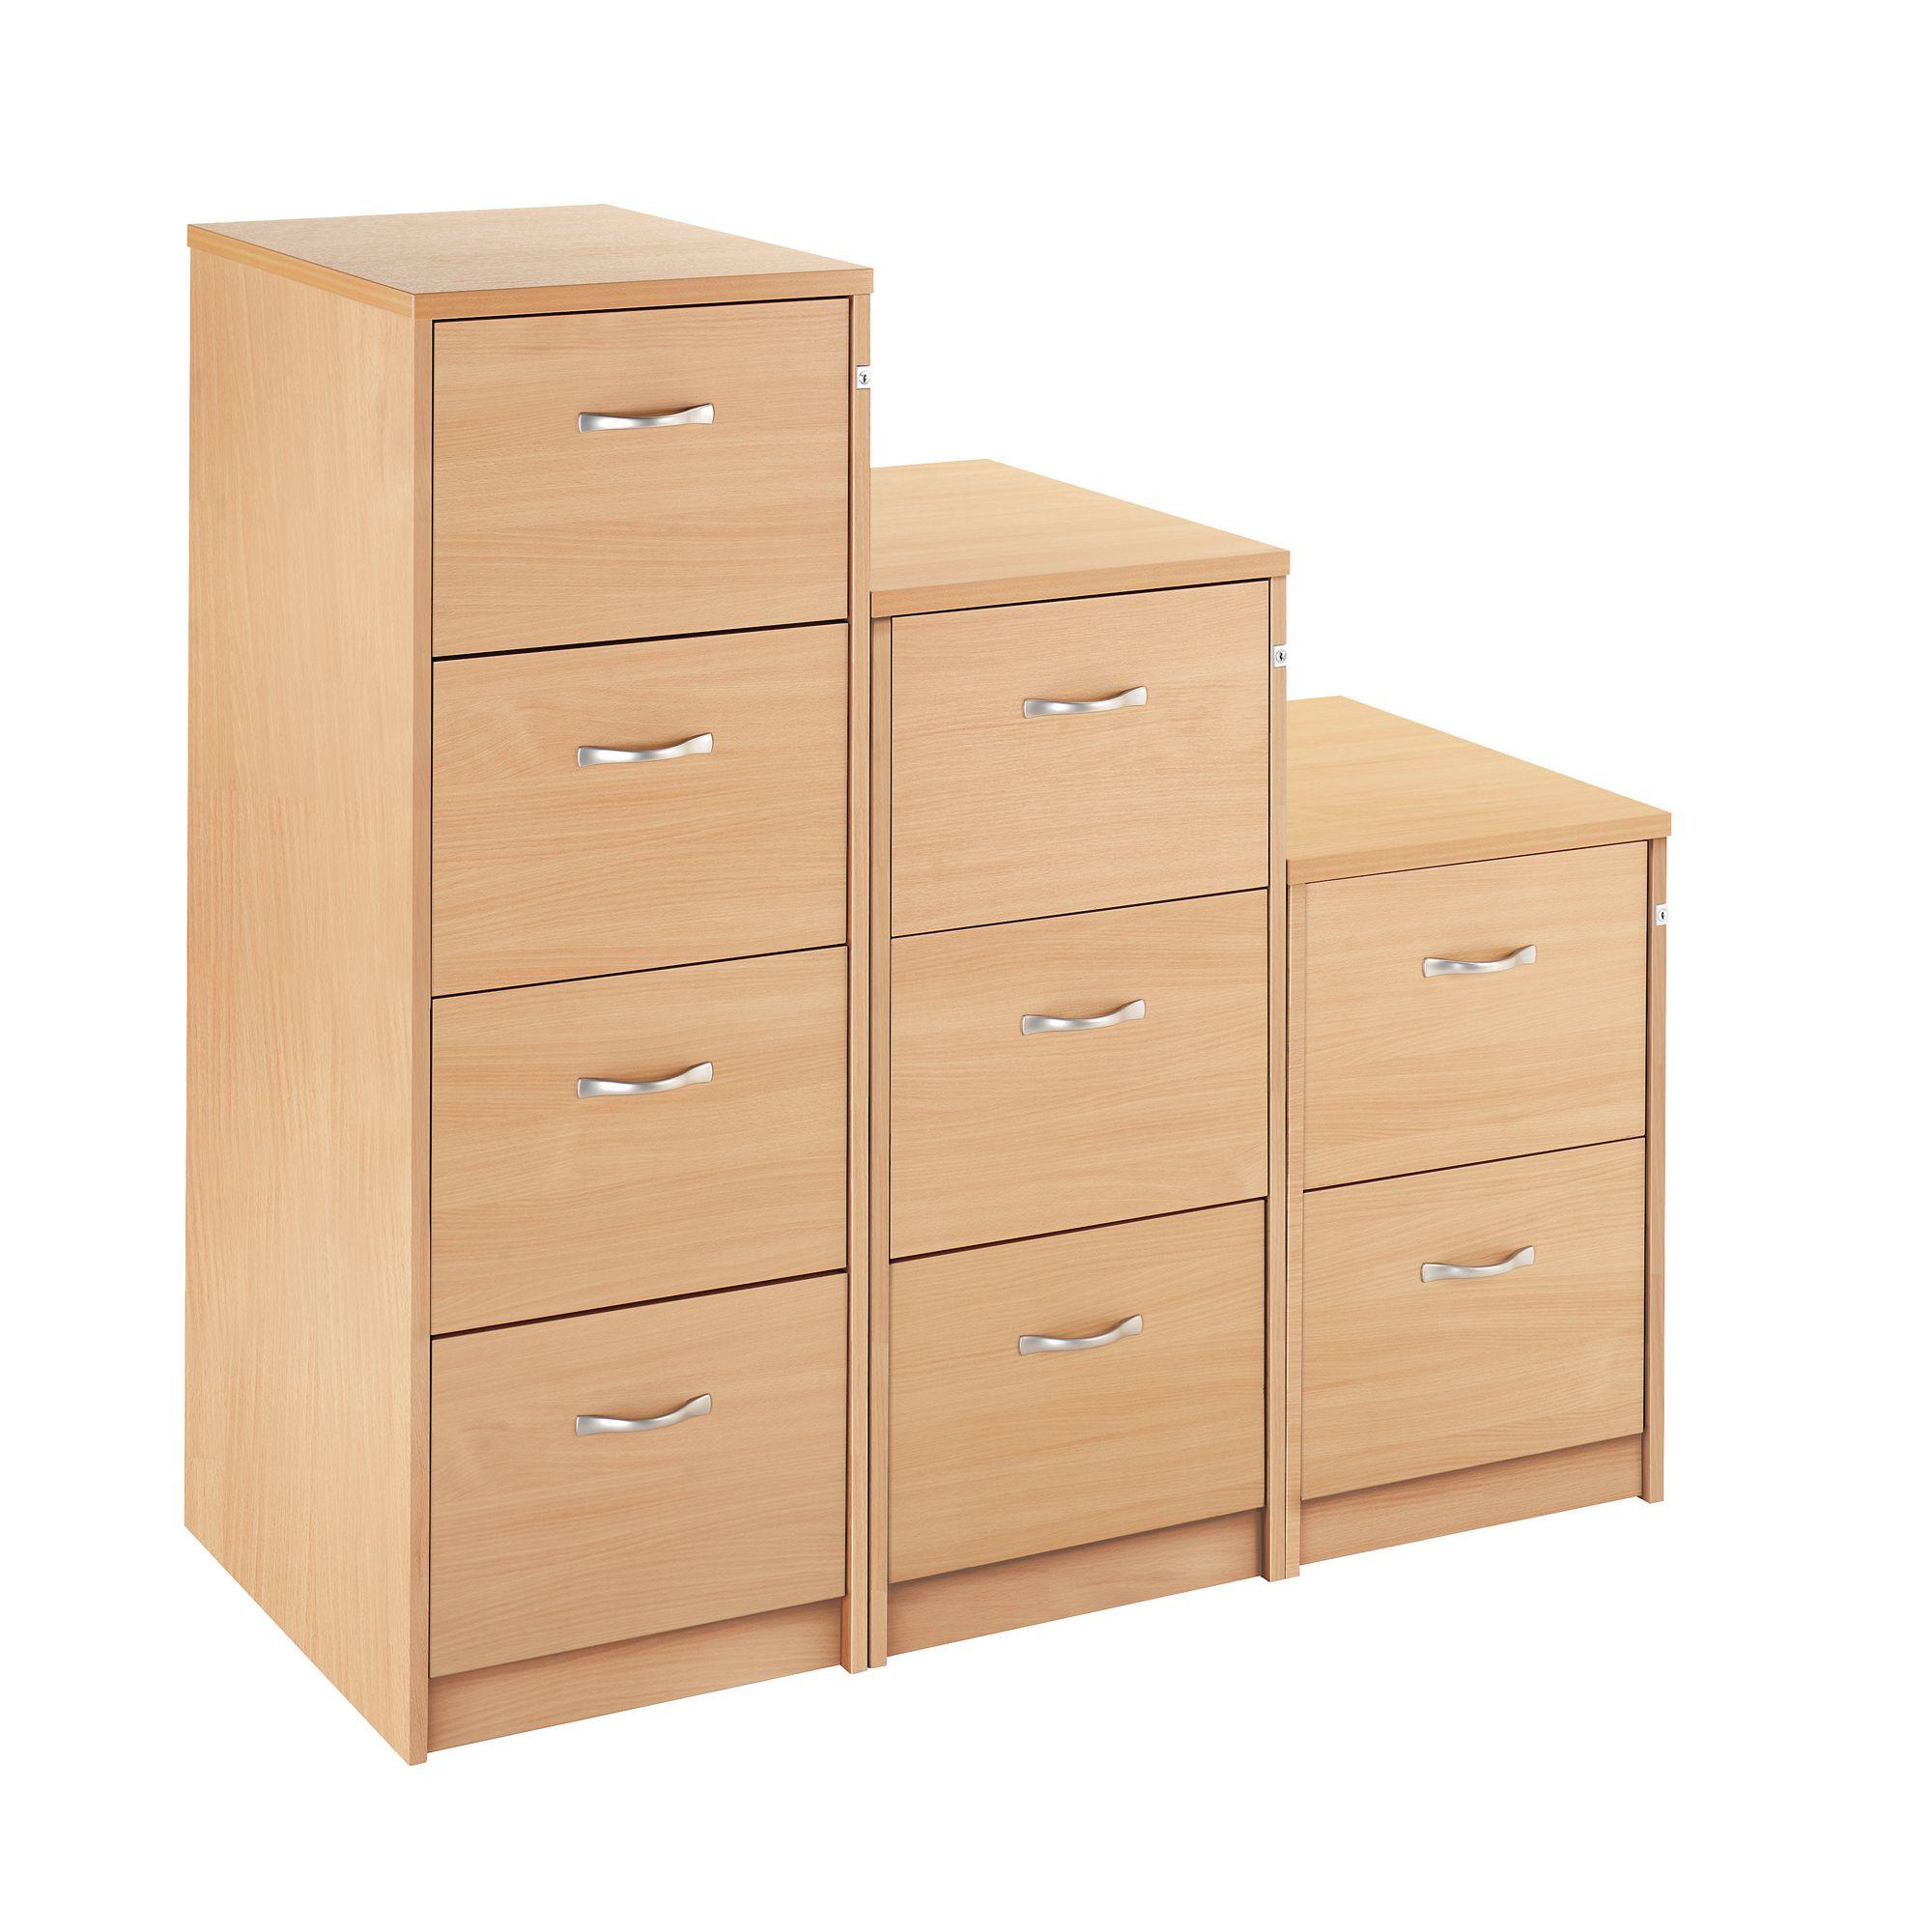 CM Wooden Filing Cabinet 3 Draw Oak